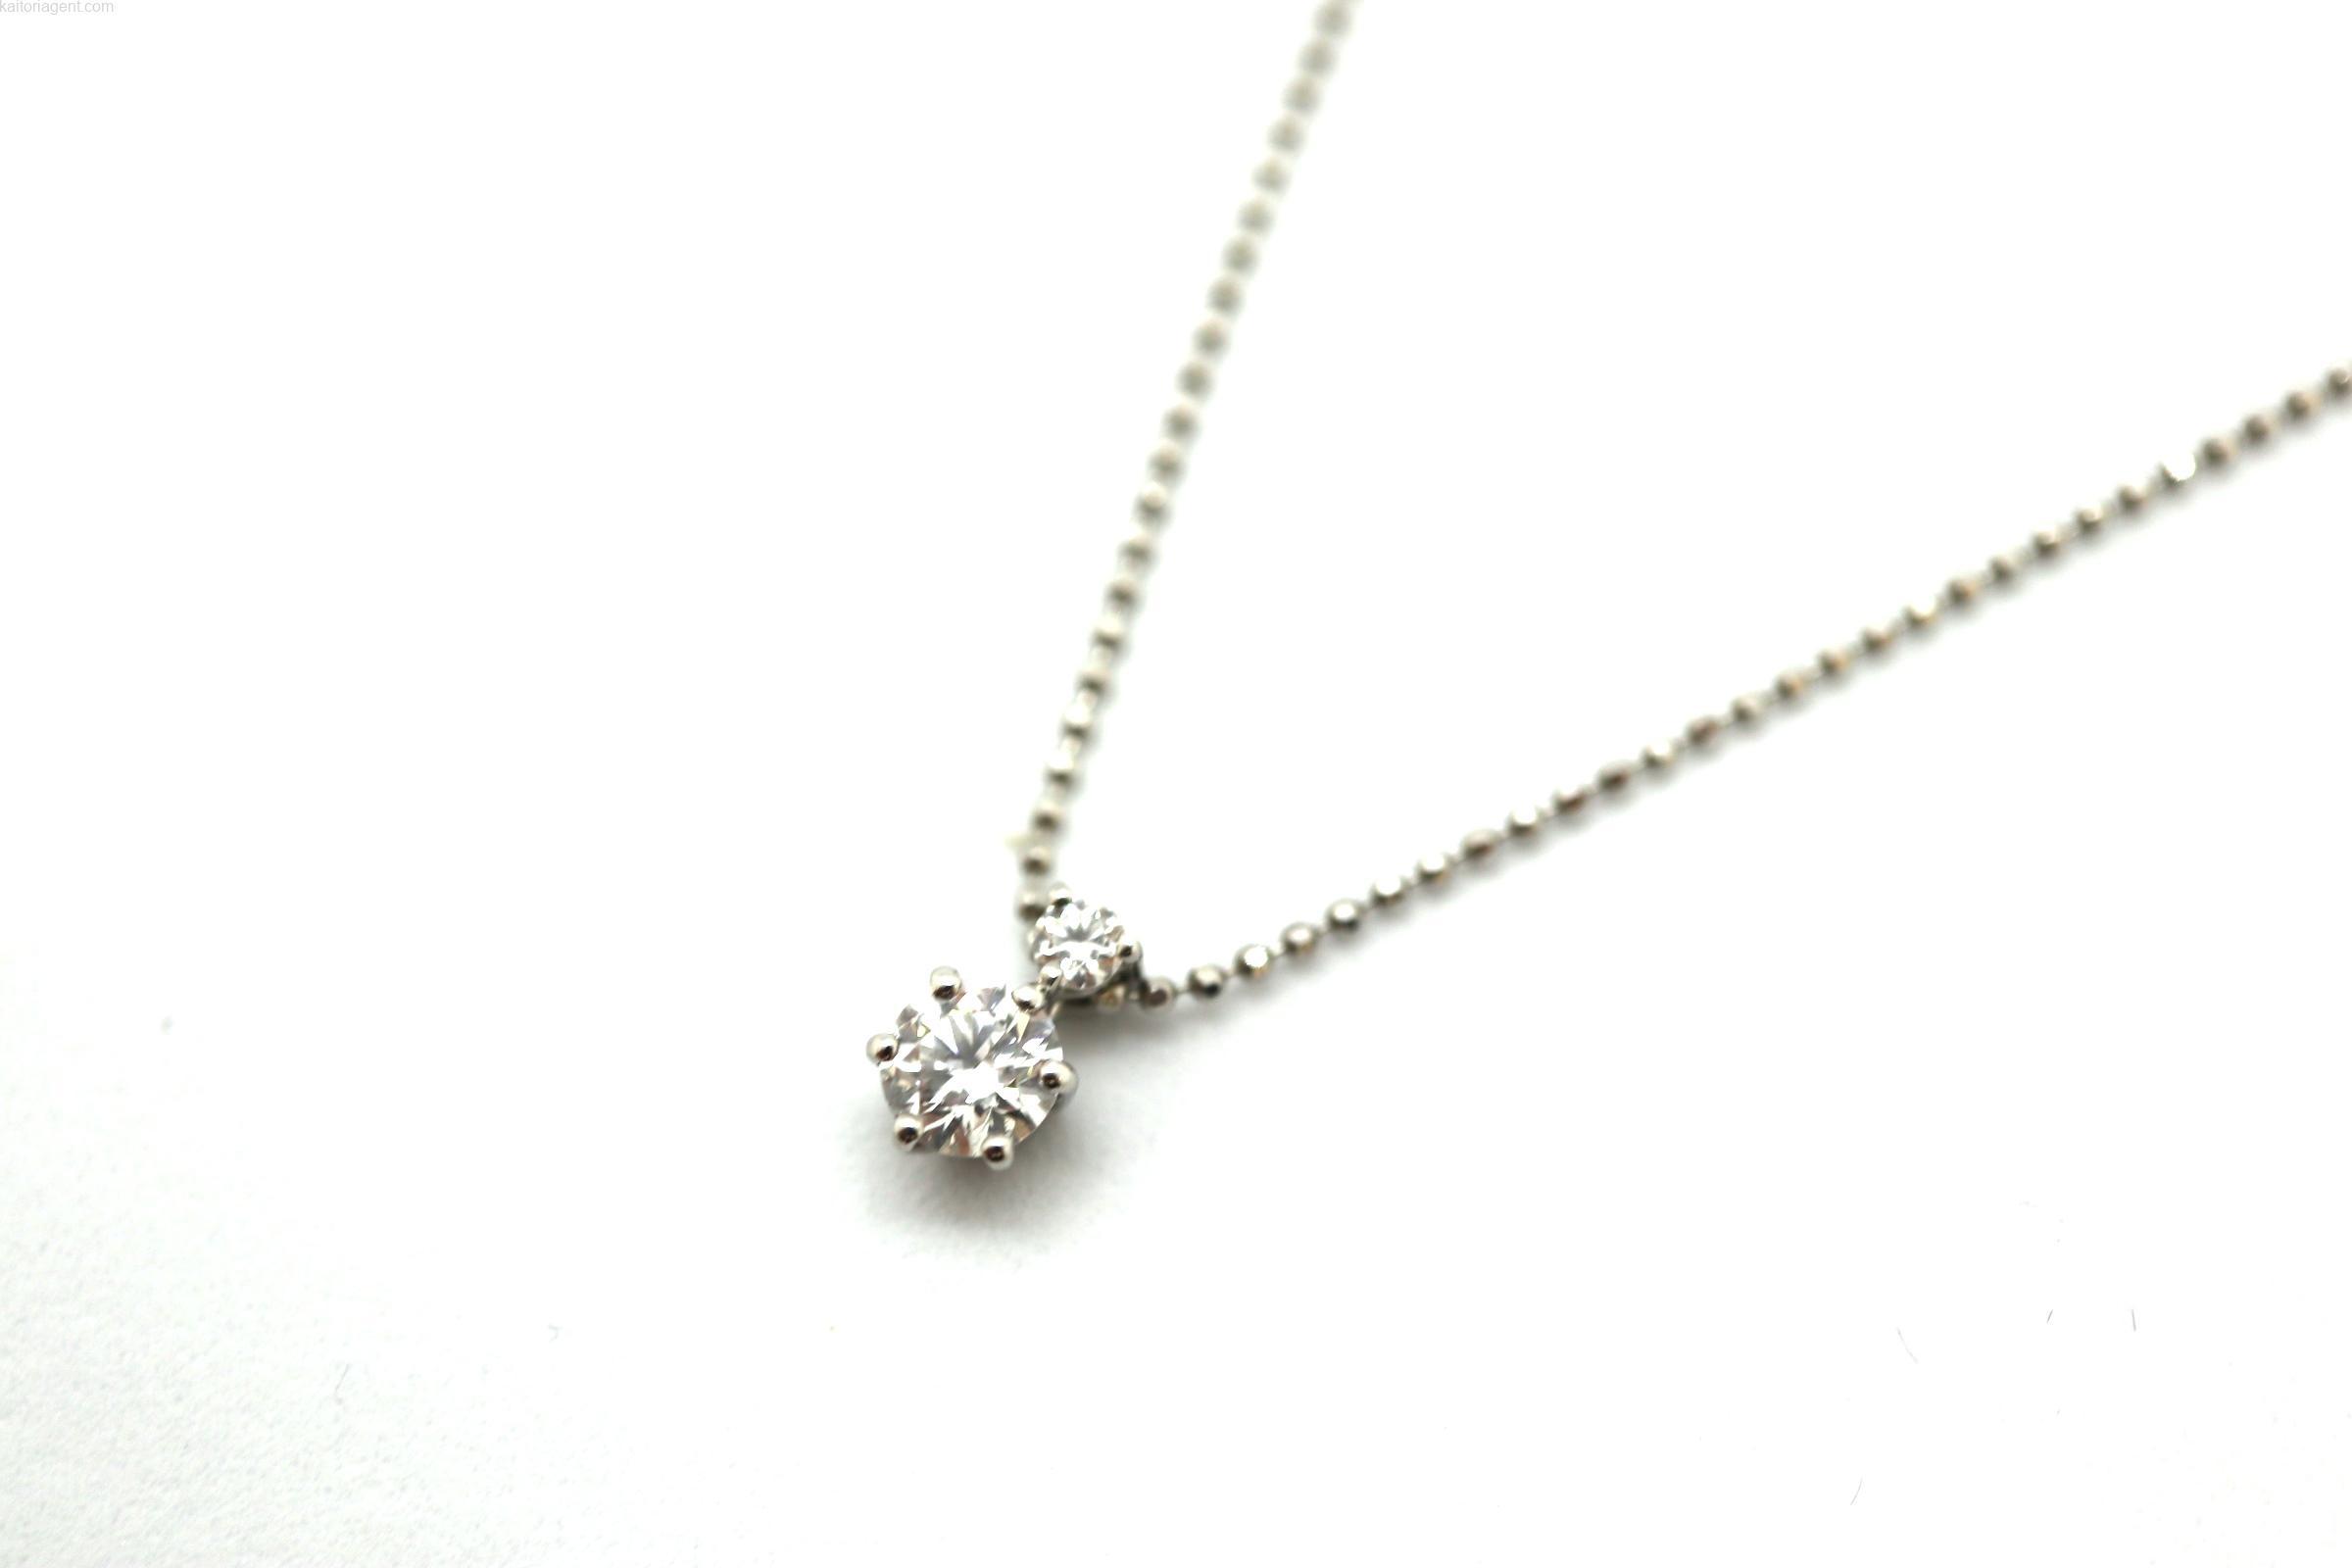 【素材】プラチナ 【主石】ダイヤモンド 【形状】ネックレ…の画像